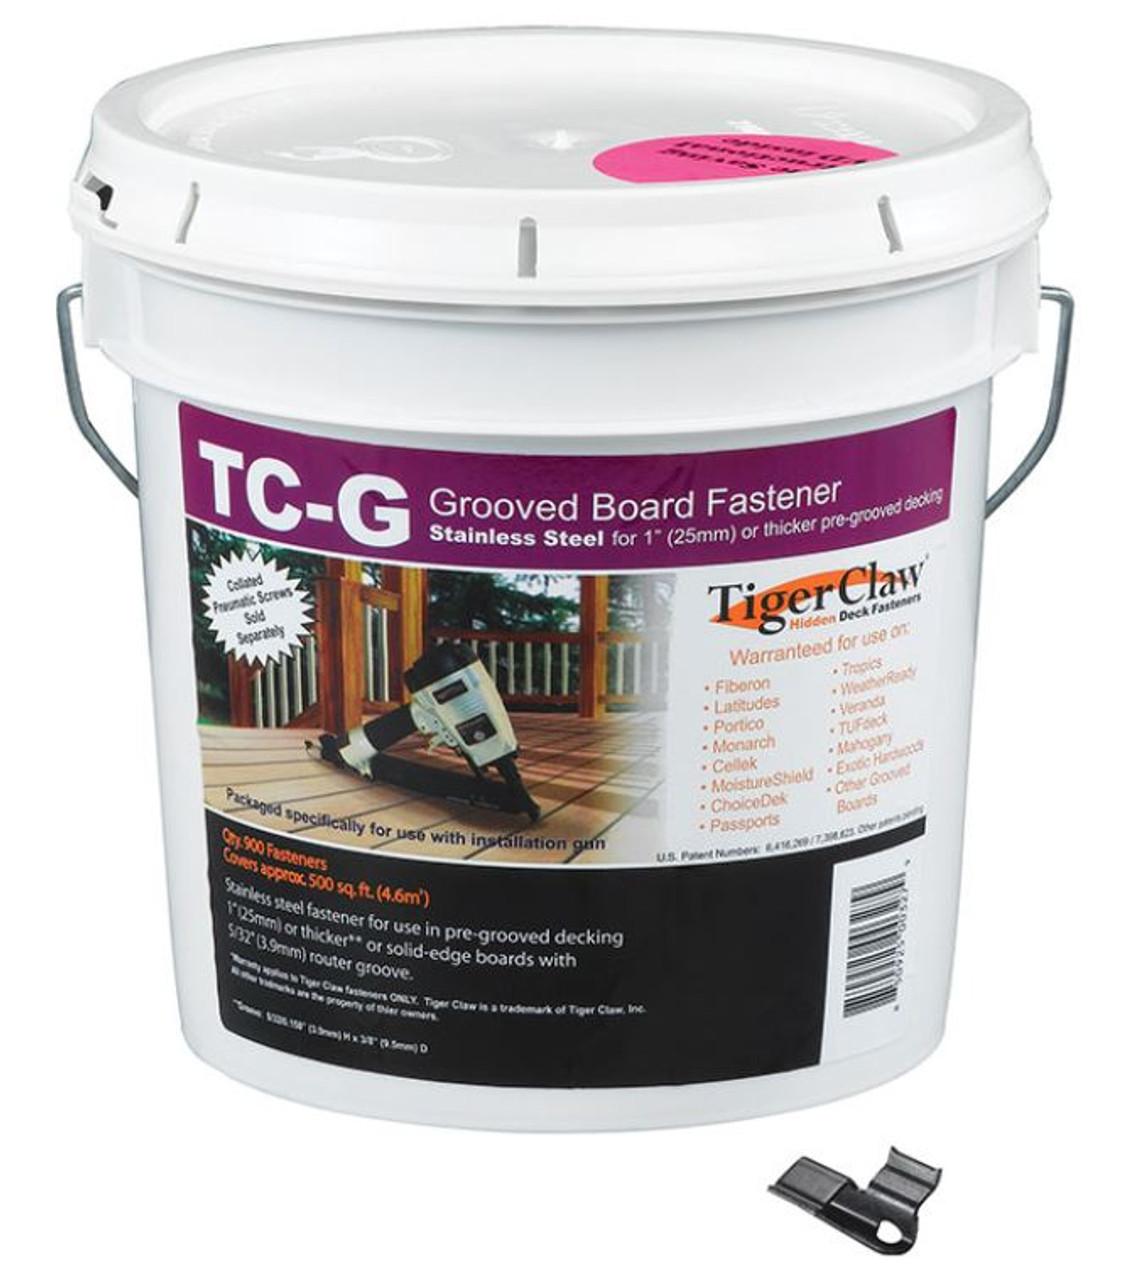 Tiger Claw TC-G Hidden Fasteners